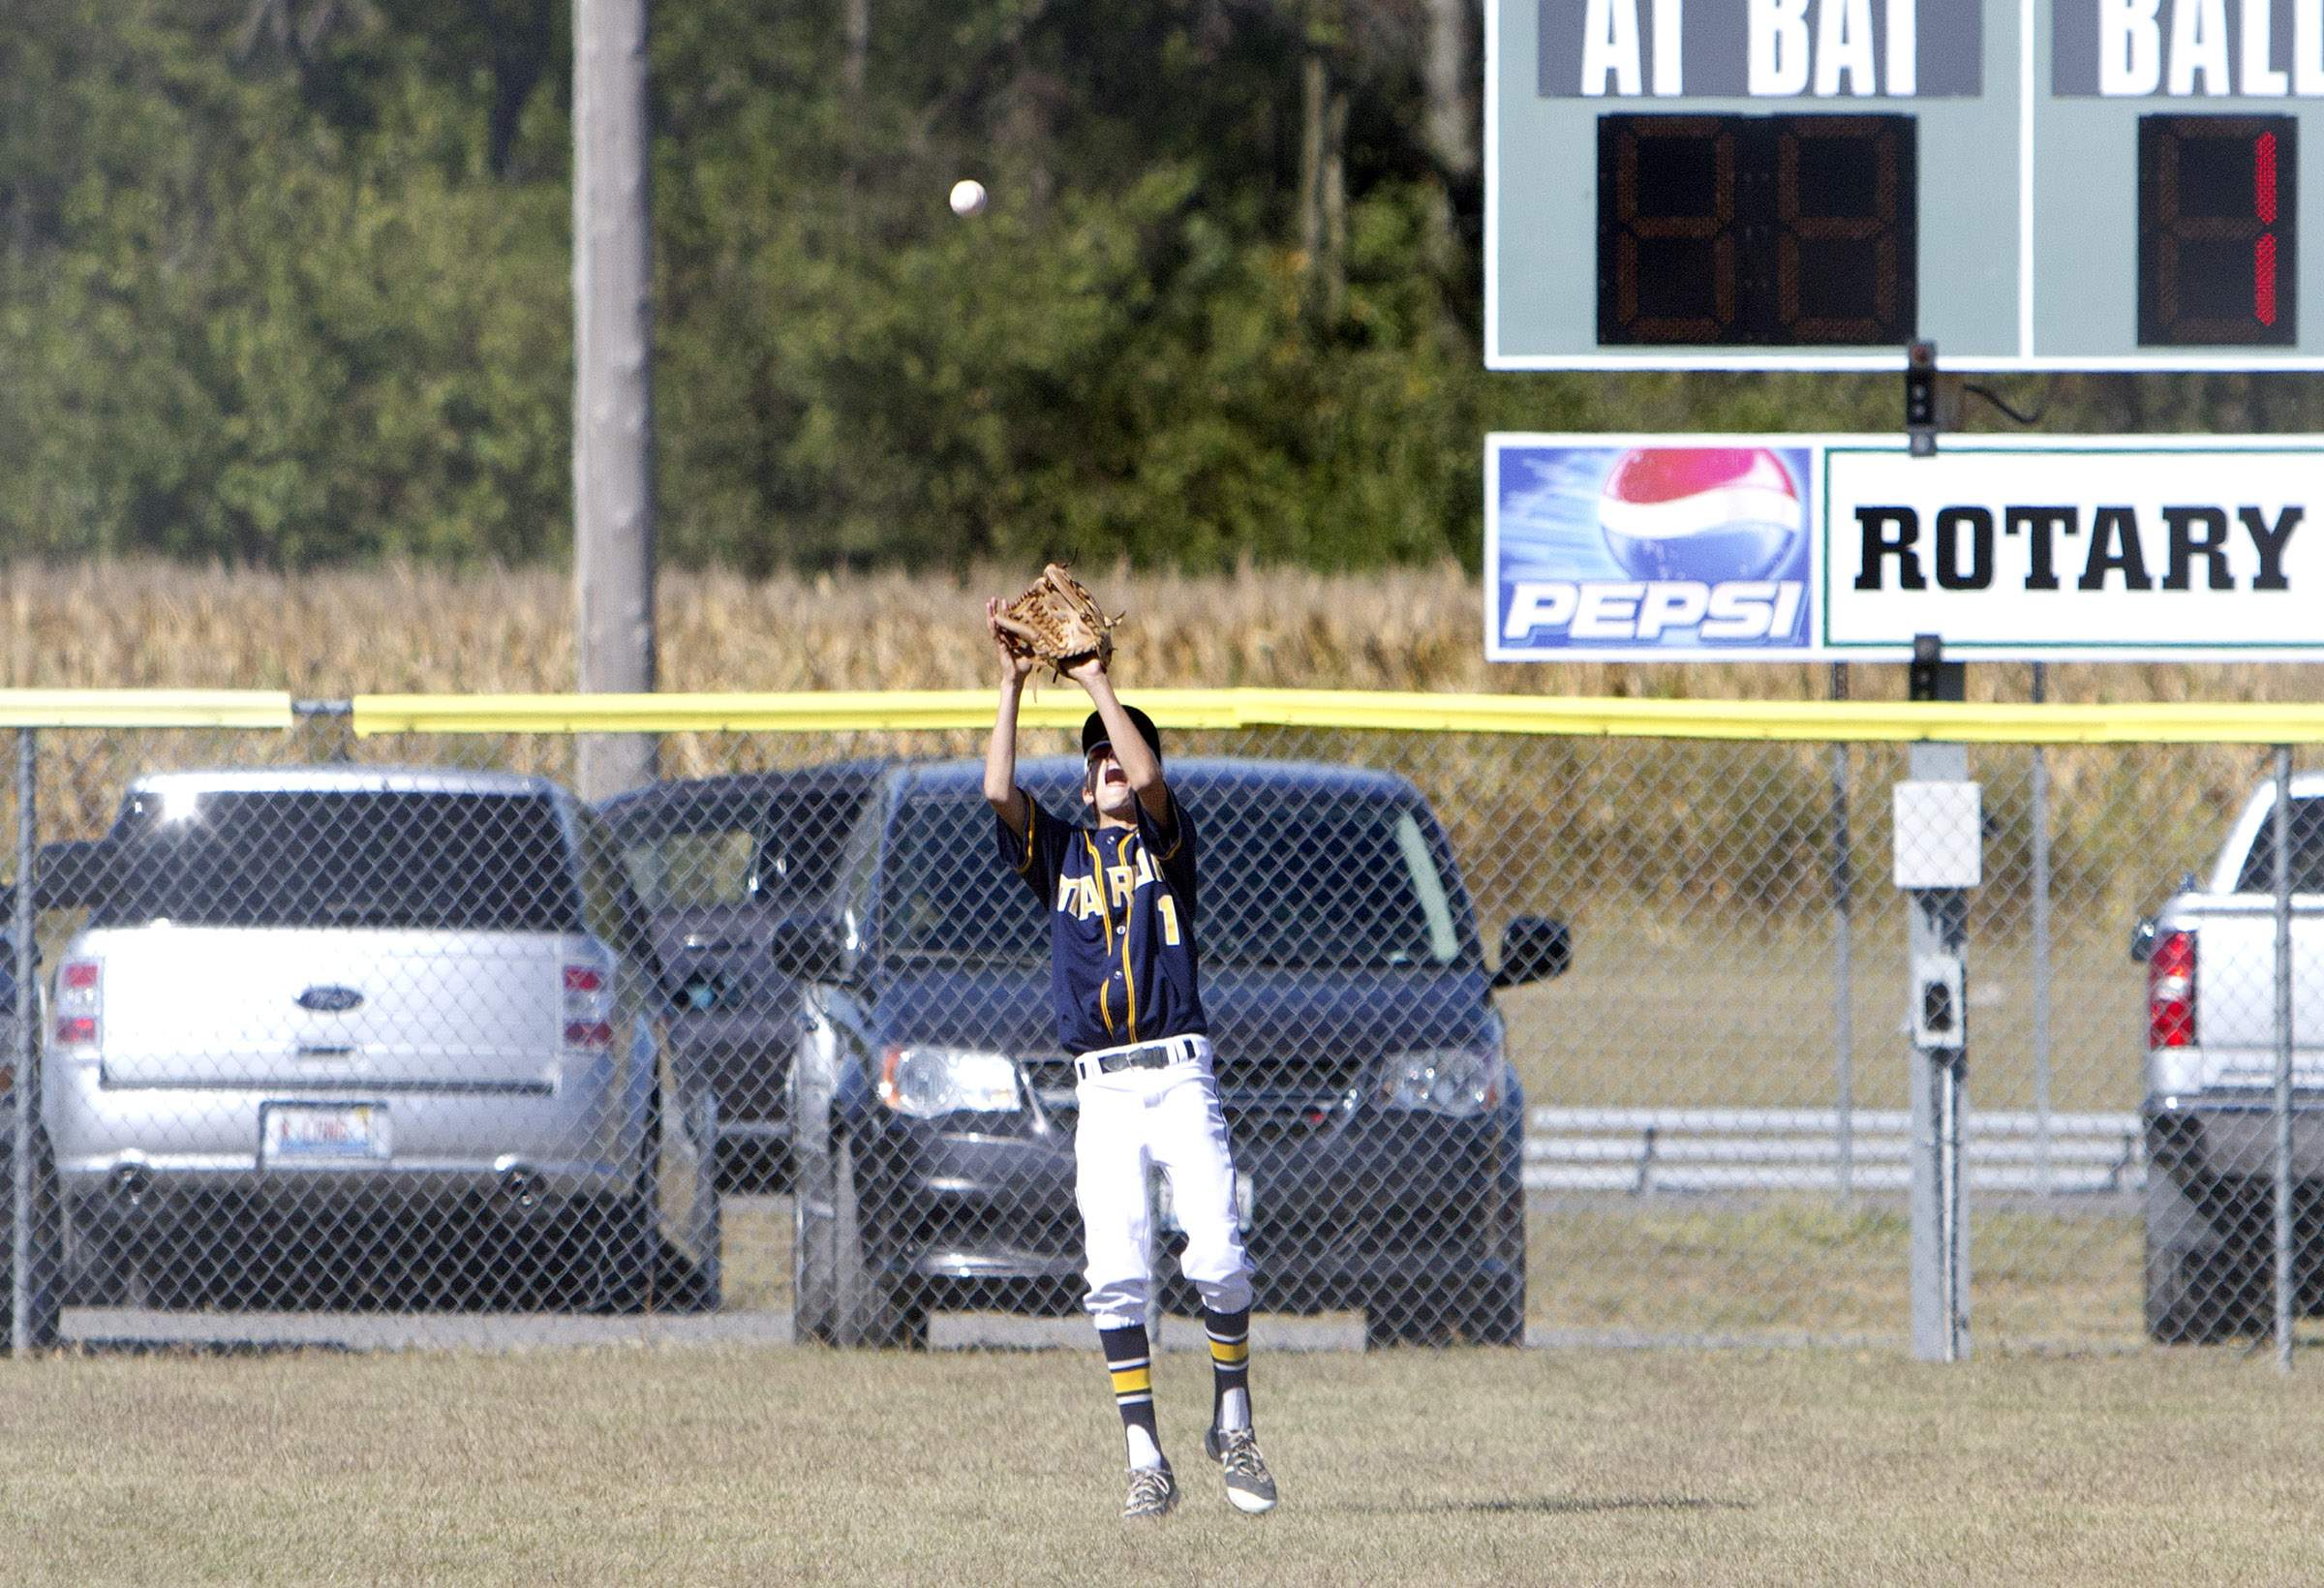 Walker Fox makes a catch in left field.